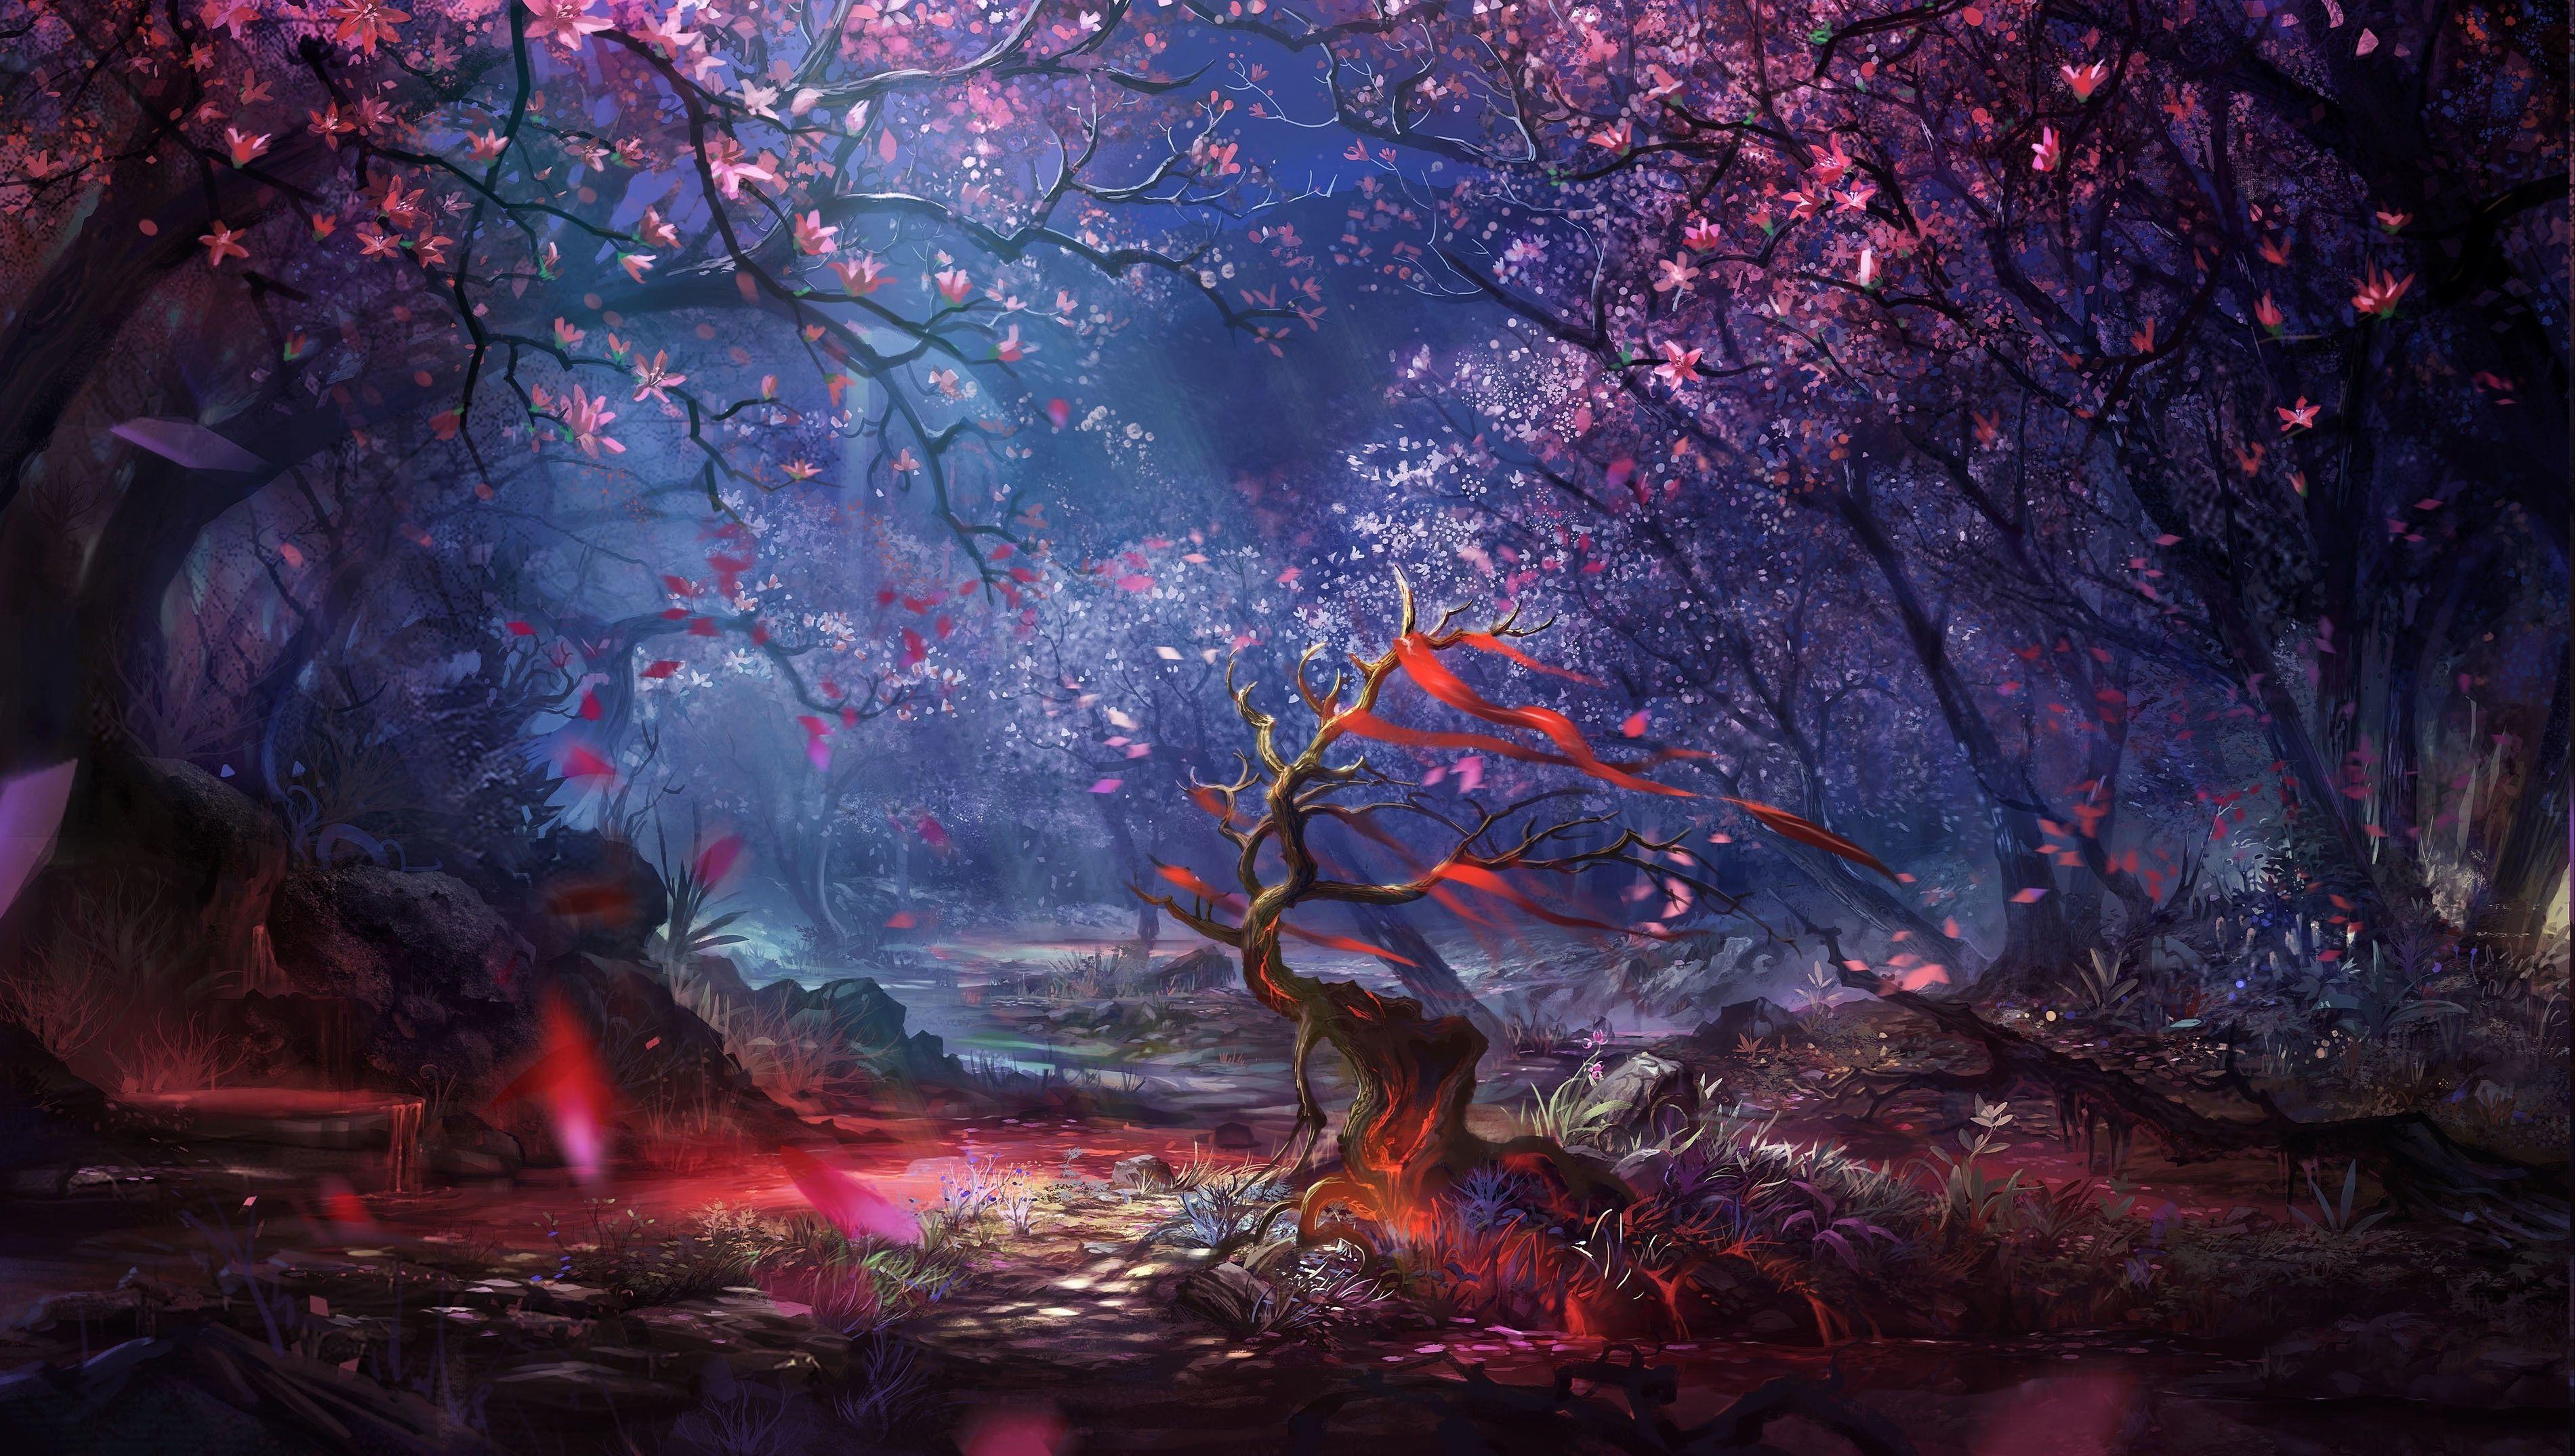 Digital Art Forest Trees Colorful Fantasy Art Artwork Landscape Wallpaper Landscape Wallpaper Forest Art Fantasy Forest